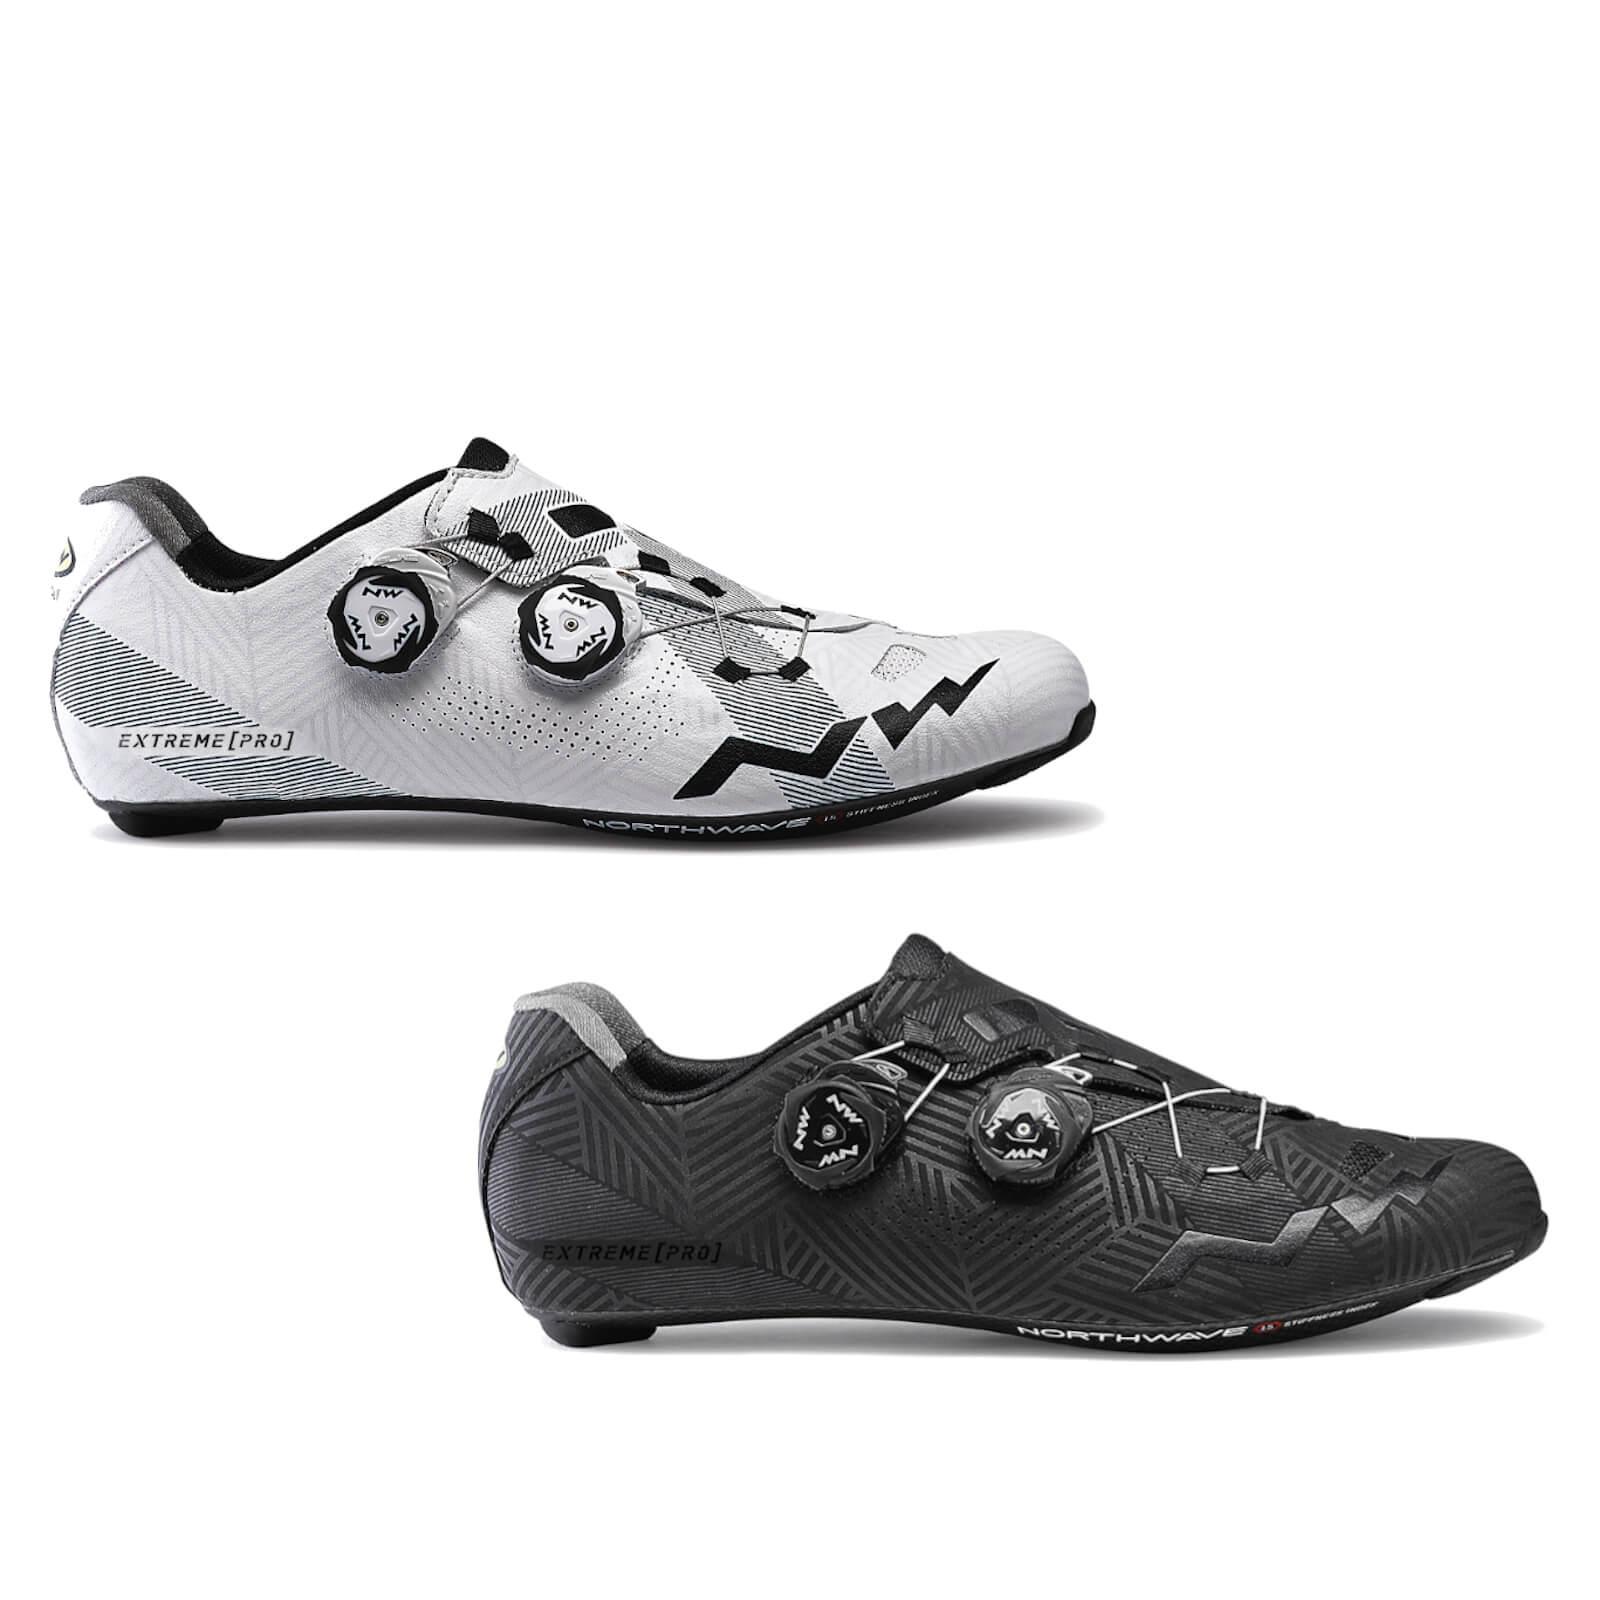 Northwave Extreme Pro Carbon Road Shoes - EU 45 - Schwarz